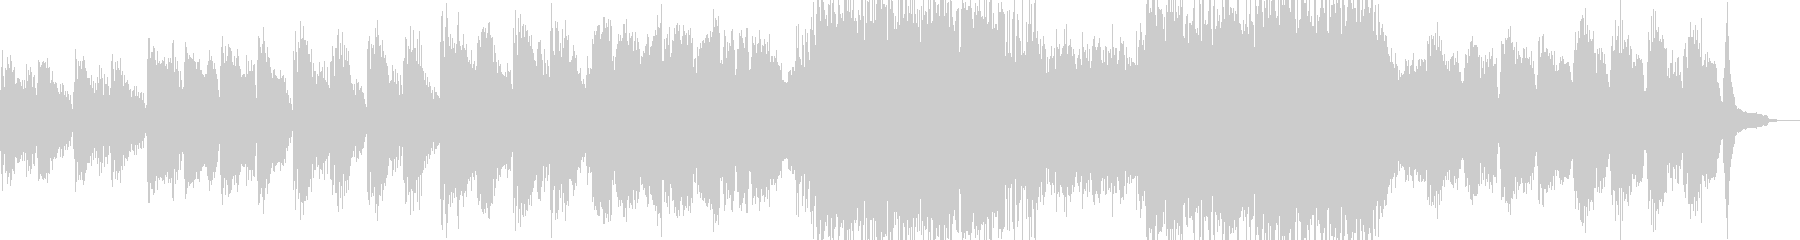 別れを名残惜しむイメージのピ…02:01の未再生の波形